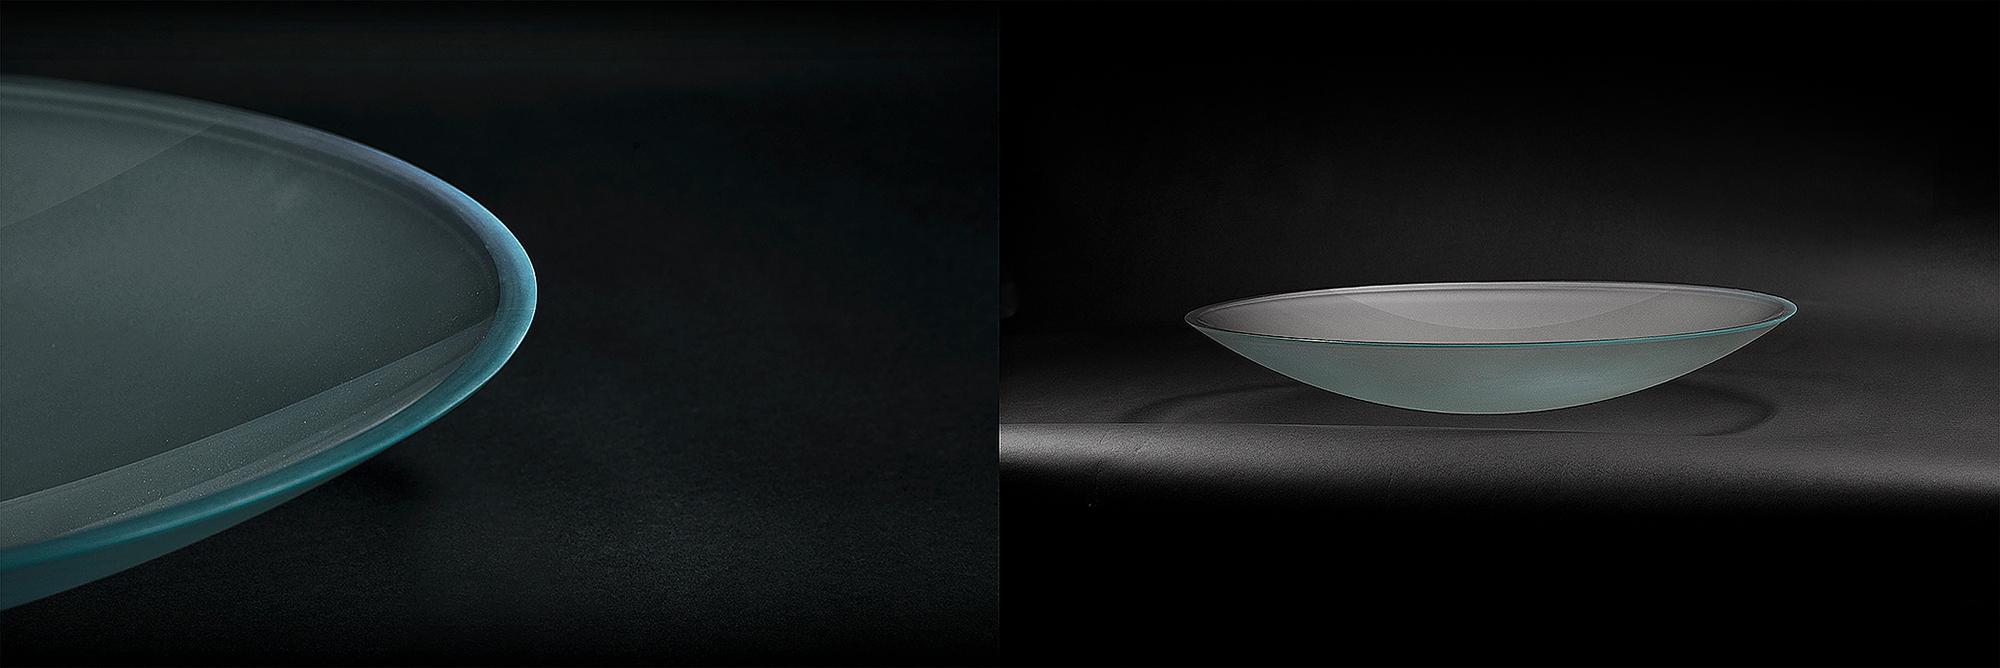 biegetechnik glas meinhart glas sonderl sungen ansfelden. Black Bedroom Furniture Sets. Home Design Ideas